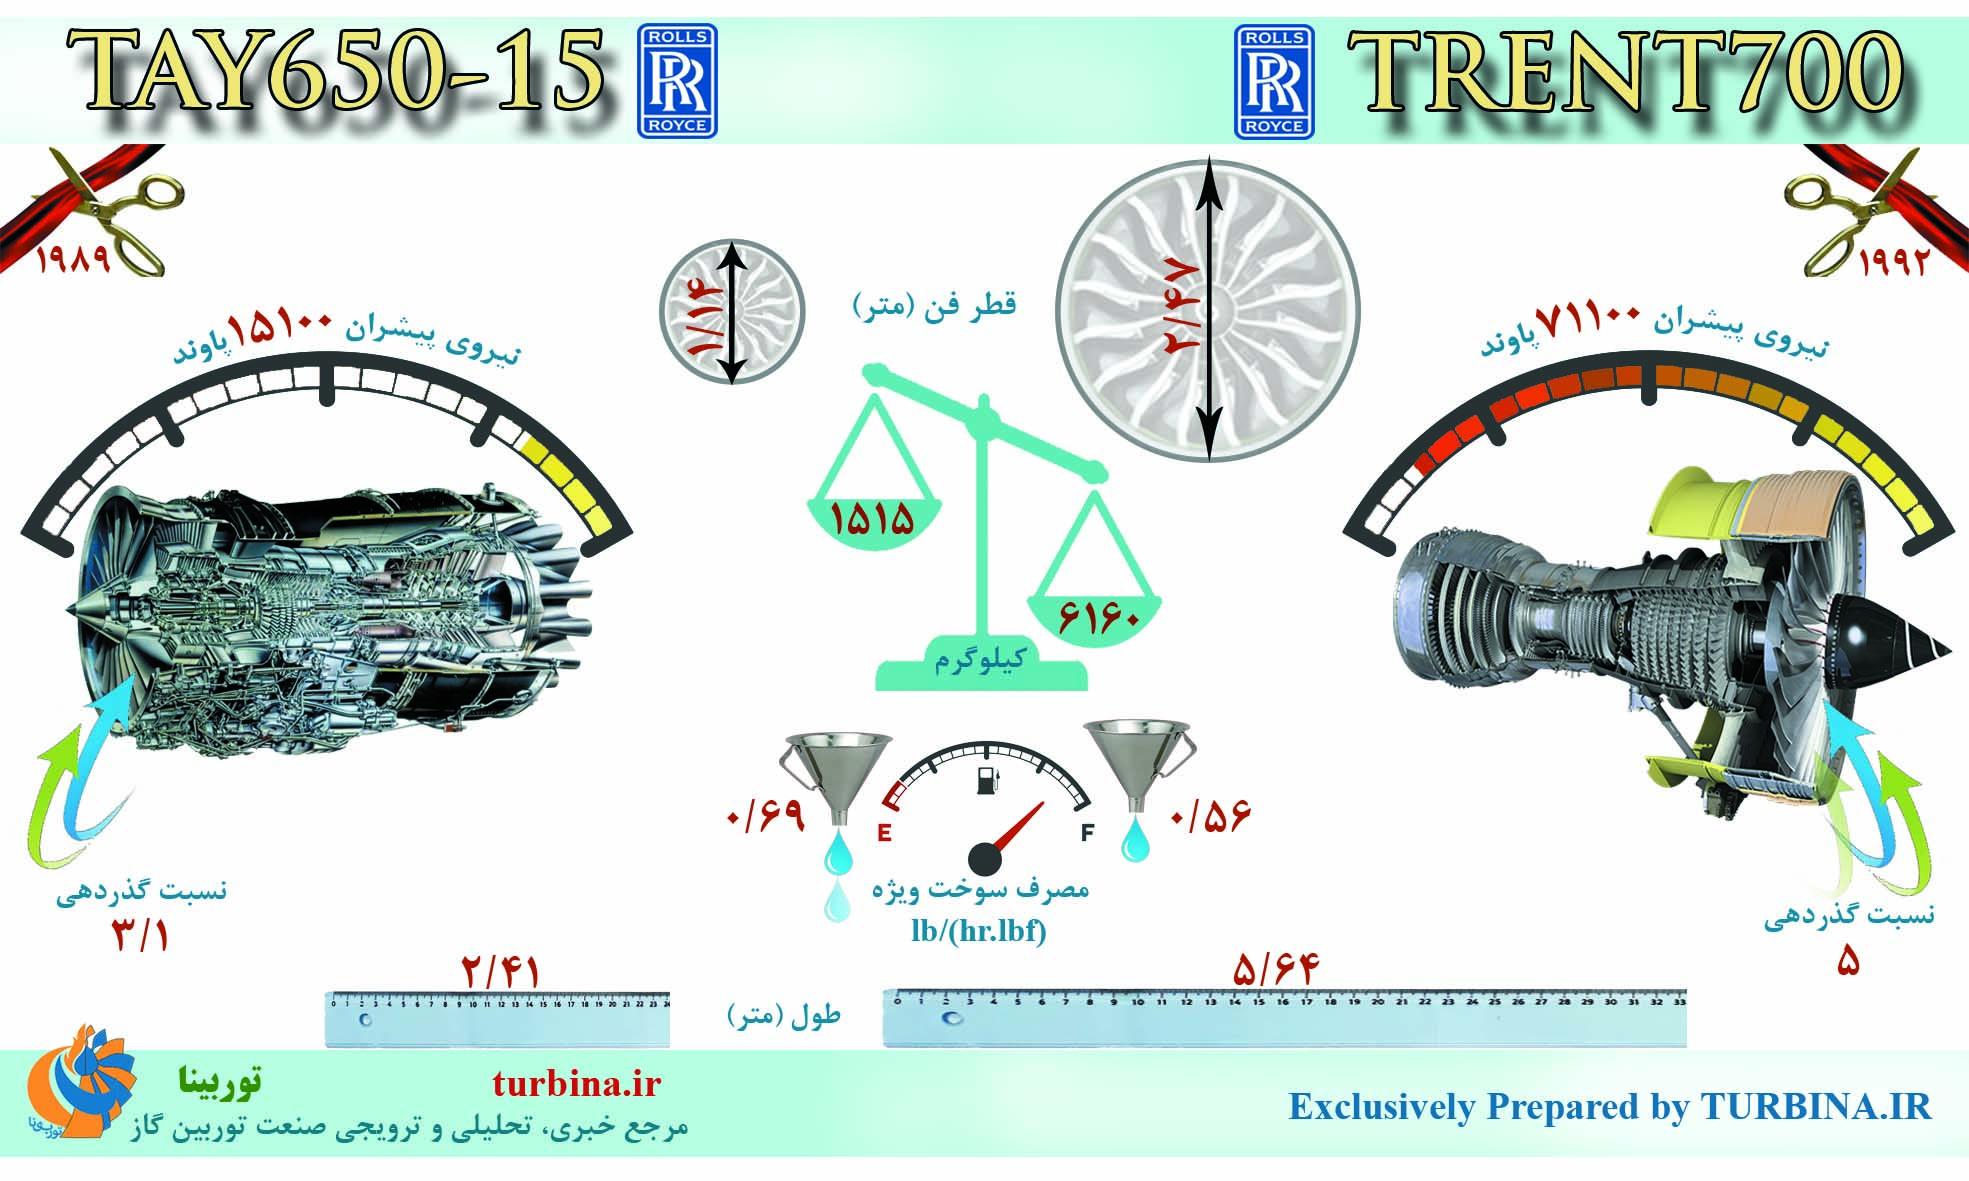 مقایسه موتورهای TRENT700 و TAY650-15